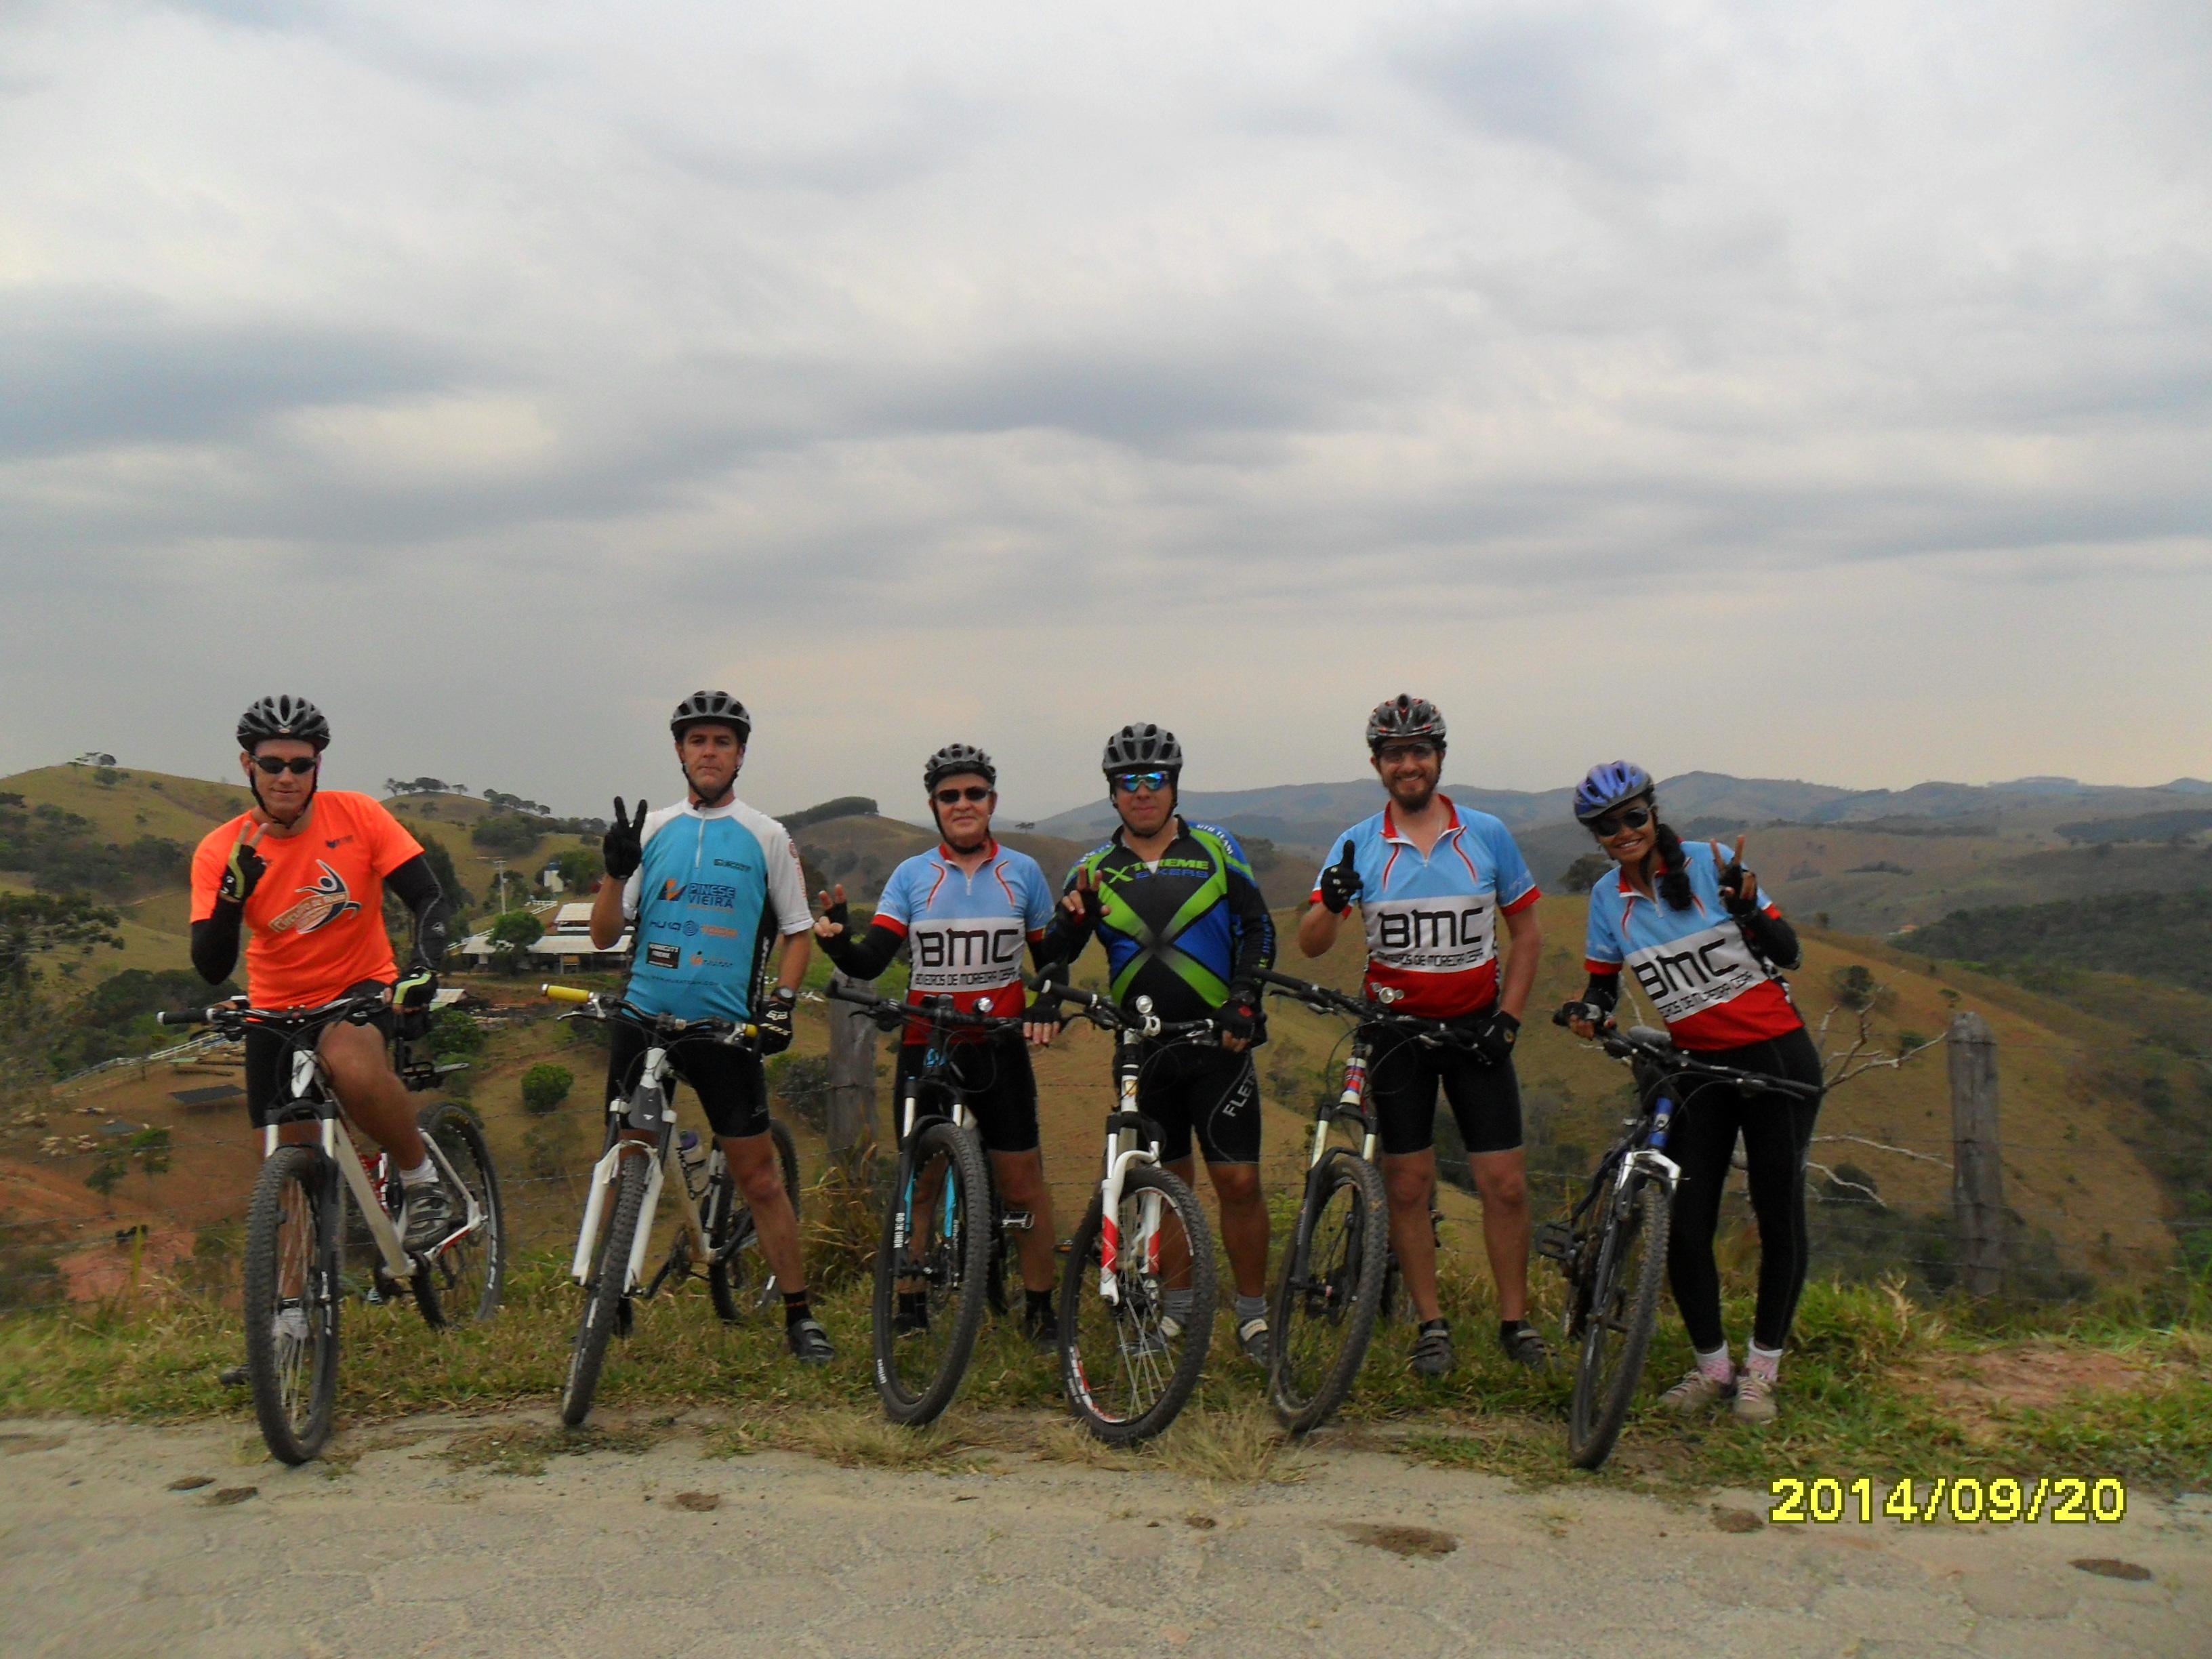 Cicloturismo: 186 km de Silveiras (SP) a Taubaté (SP)